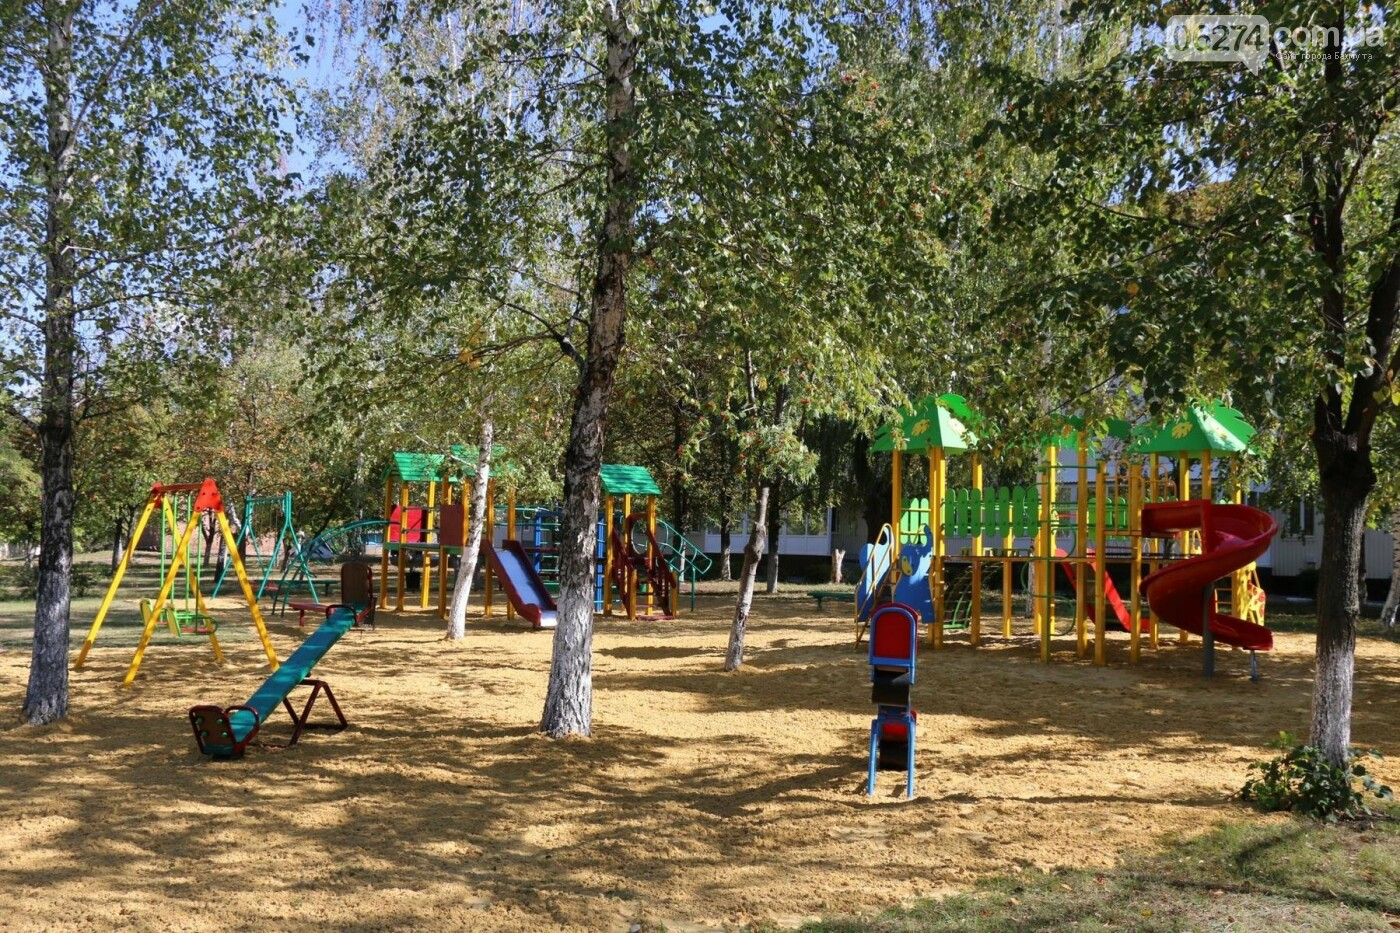 Обновленную детскую площадку открыли в Бахмутской ЦРБ, фото-10